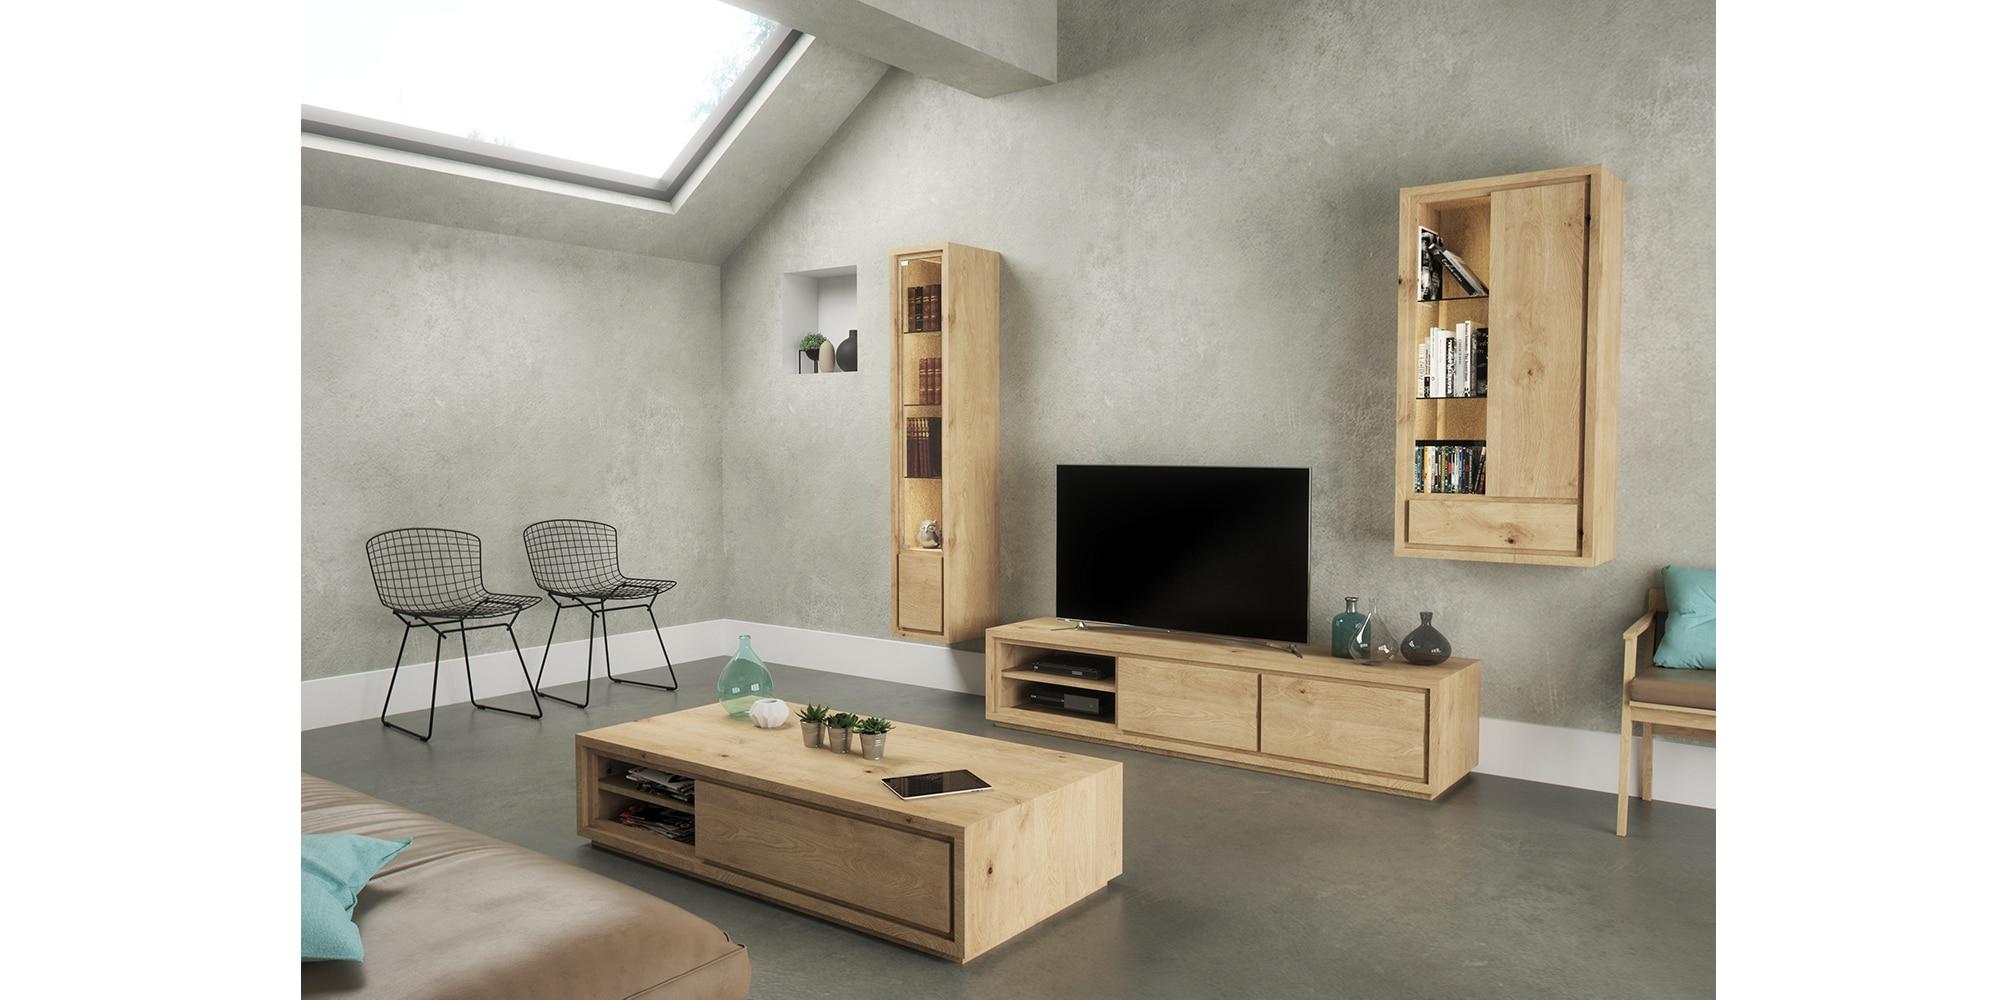 Meuble tv en bois sur mesure au design moderne et épuré